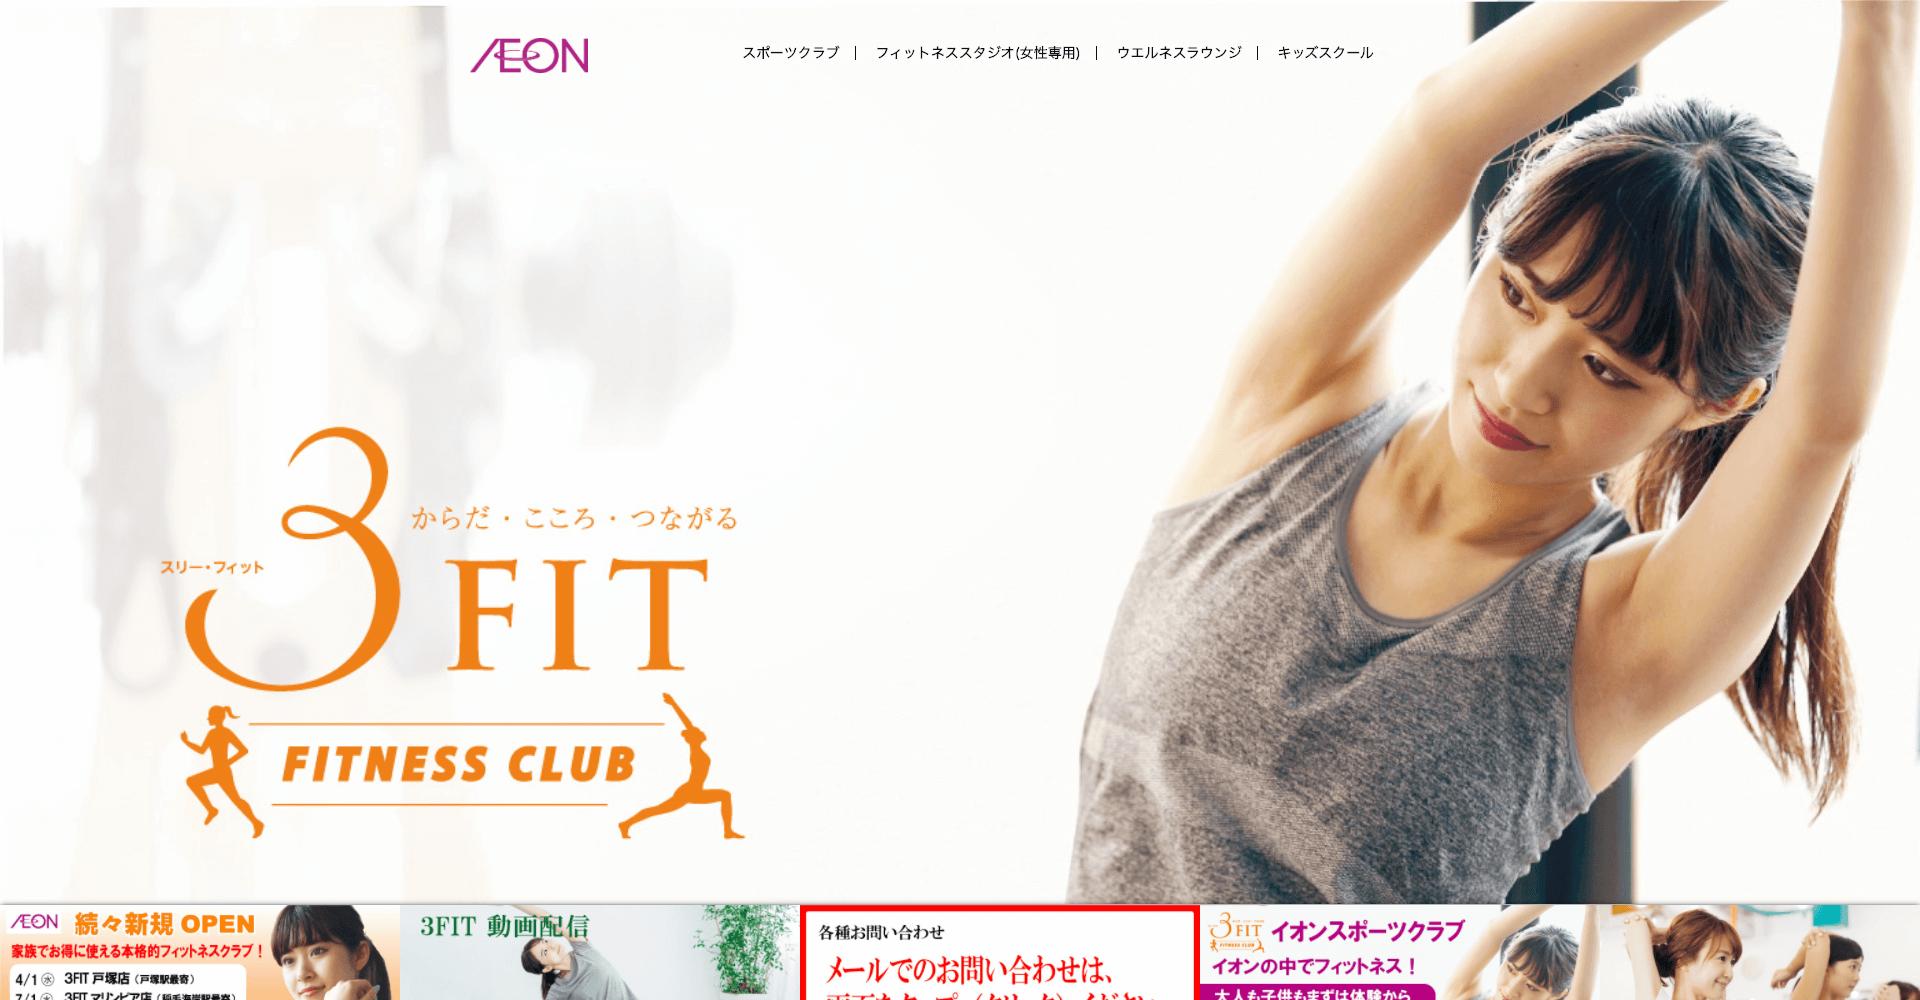 イオンスポーツクラブ3FIT